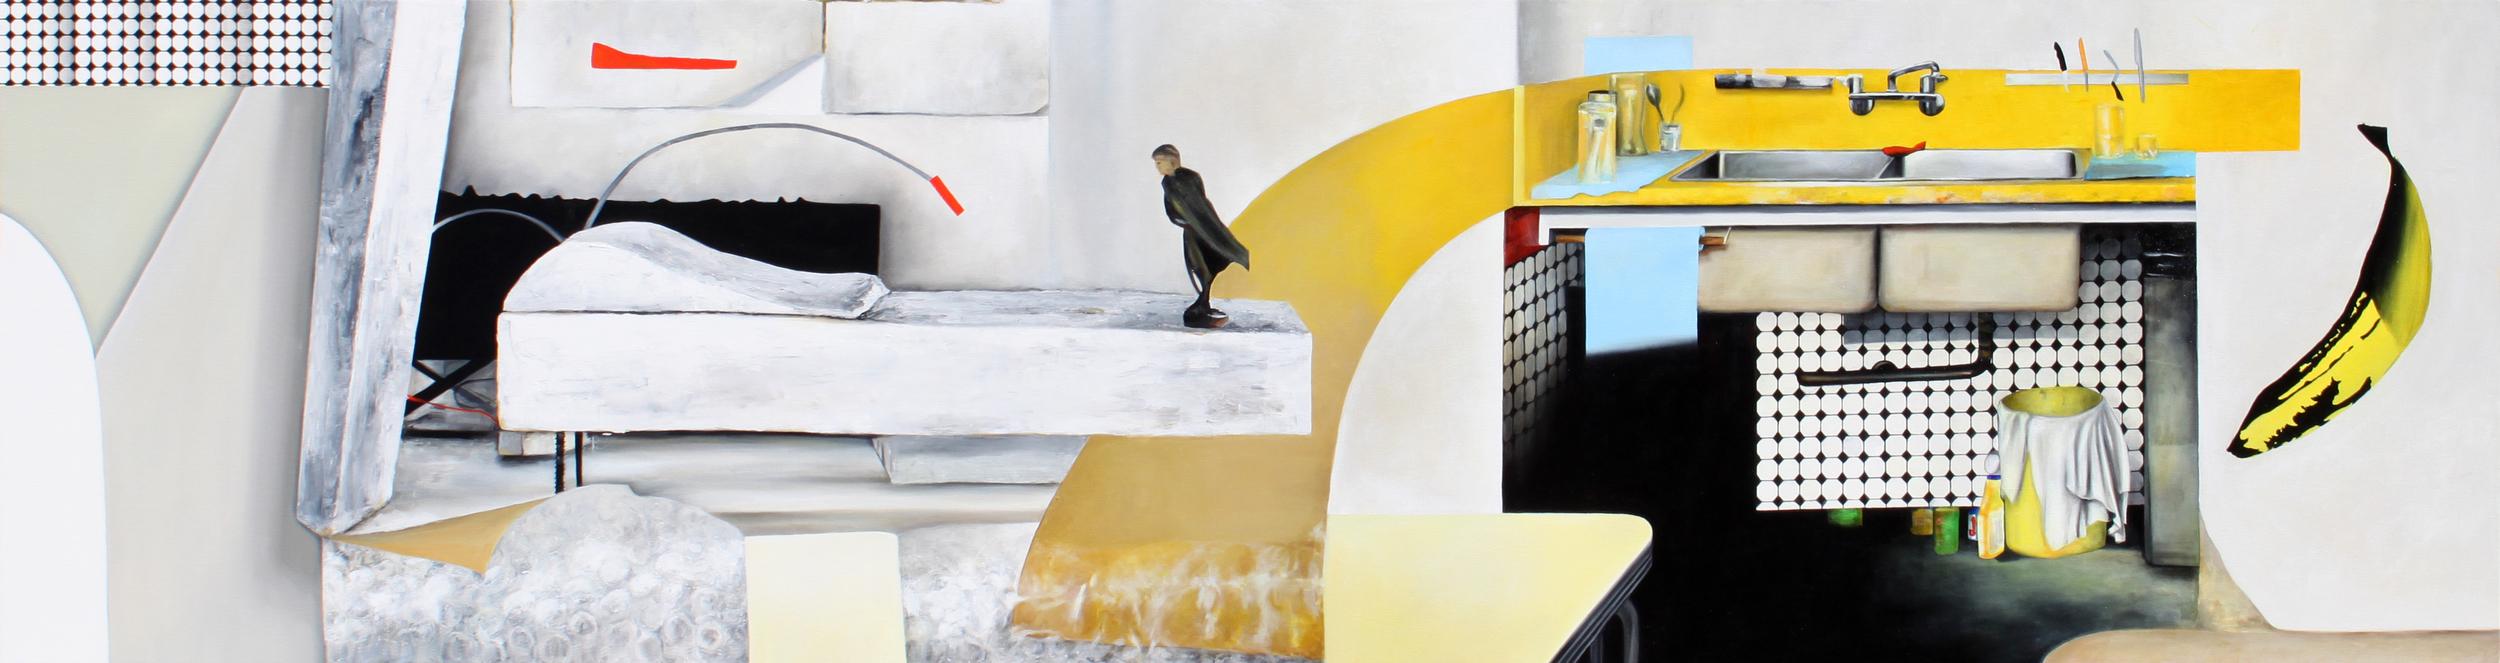 Domestic Scene, Victoria Drive (from Attila Richard Lukacs studio visit) 2014, 80cm x 300cm, Oil on canvas